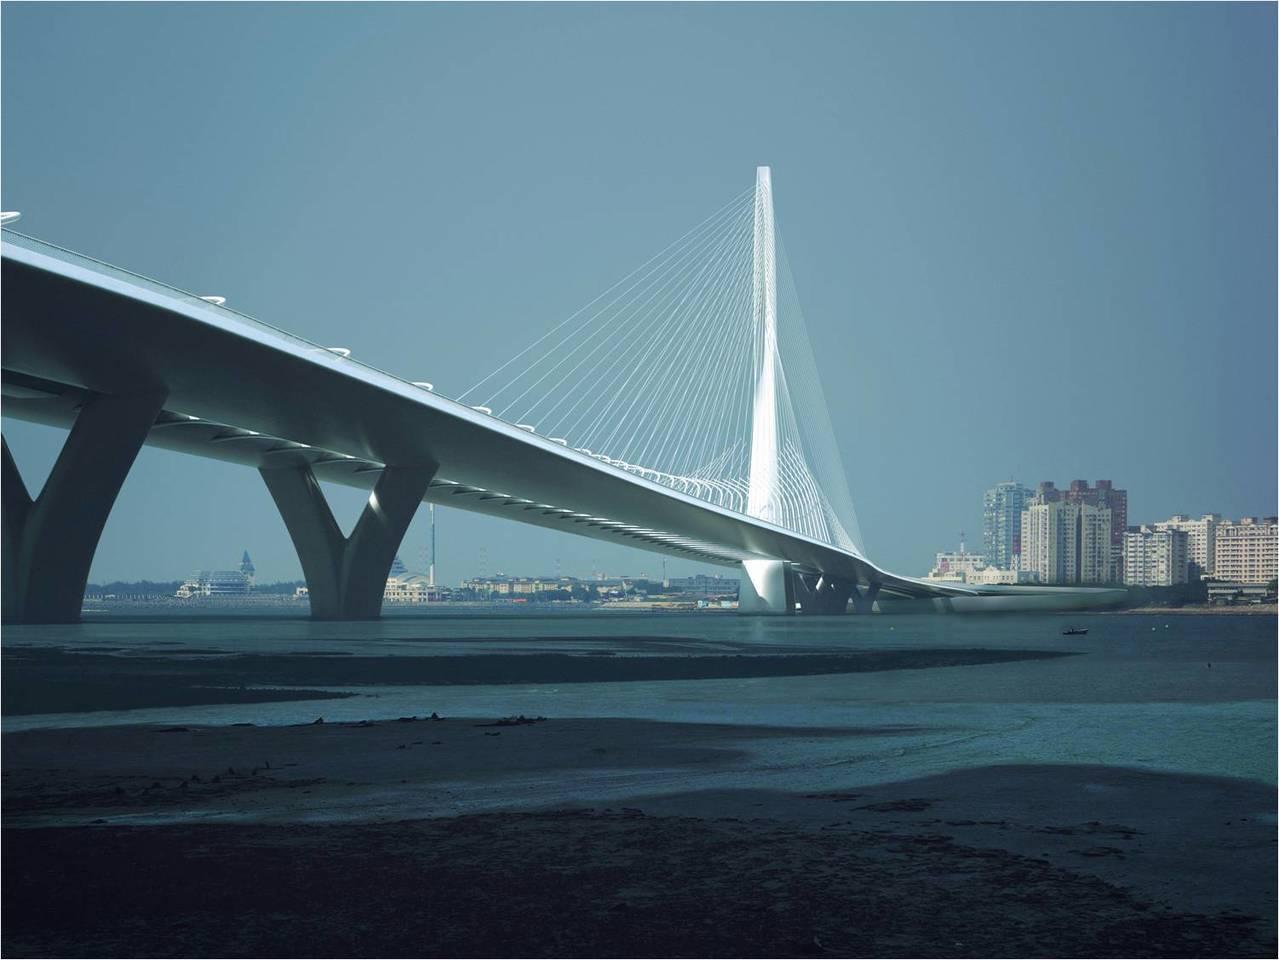 淡江大橋第三標主橋段工程經歷7度流標,公路總局延長工期、追加預算、再祭出800萬元獎勵金後,今天8度招標,終於有廠商投標。圖/交通部公路總局提供